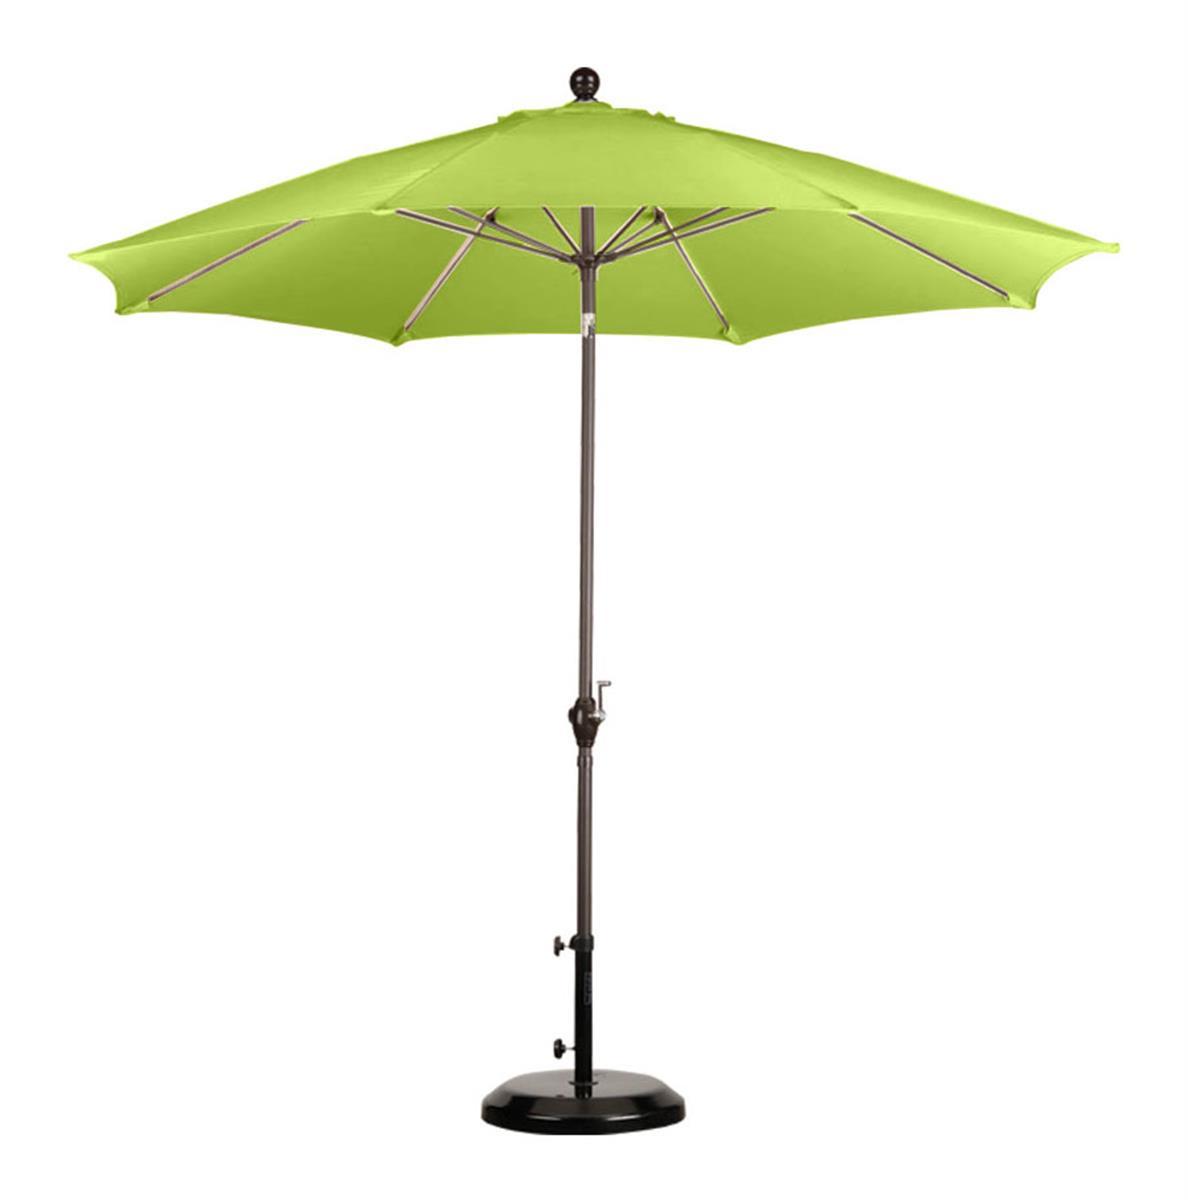 - 9' Lime Green Patio Umbrella Outdoor Sunshade